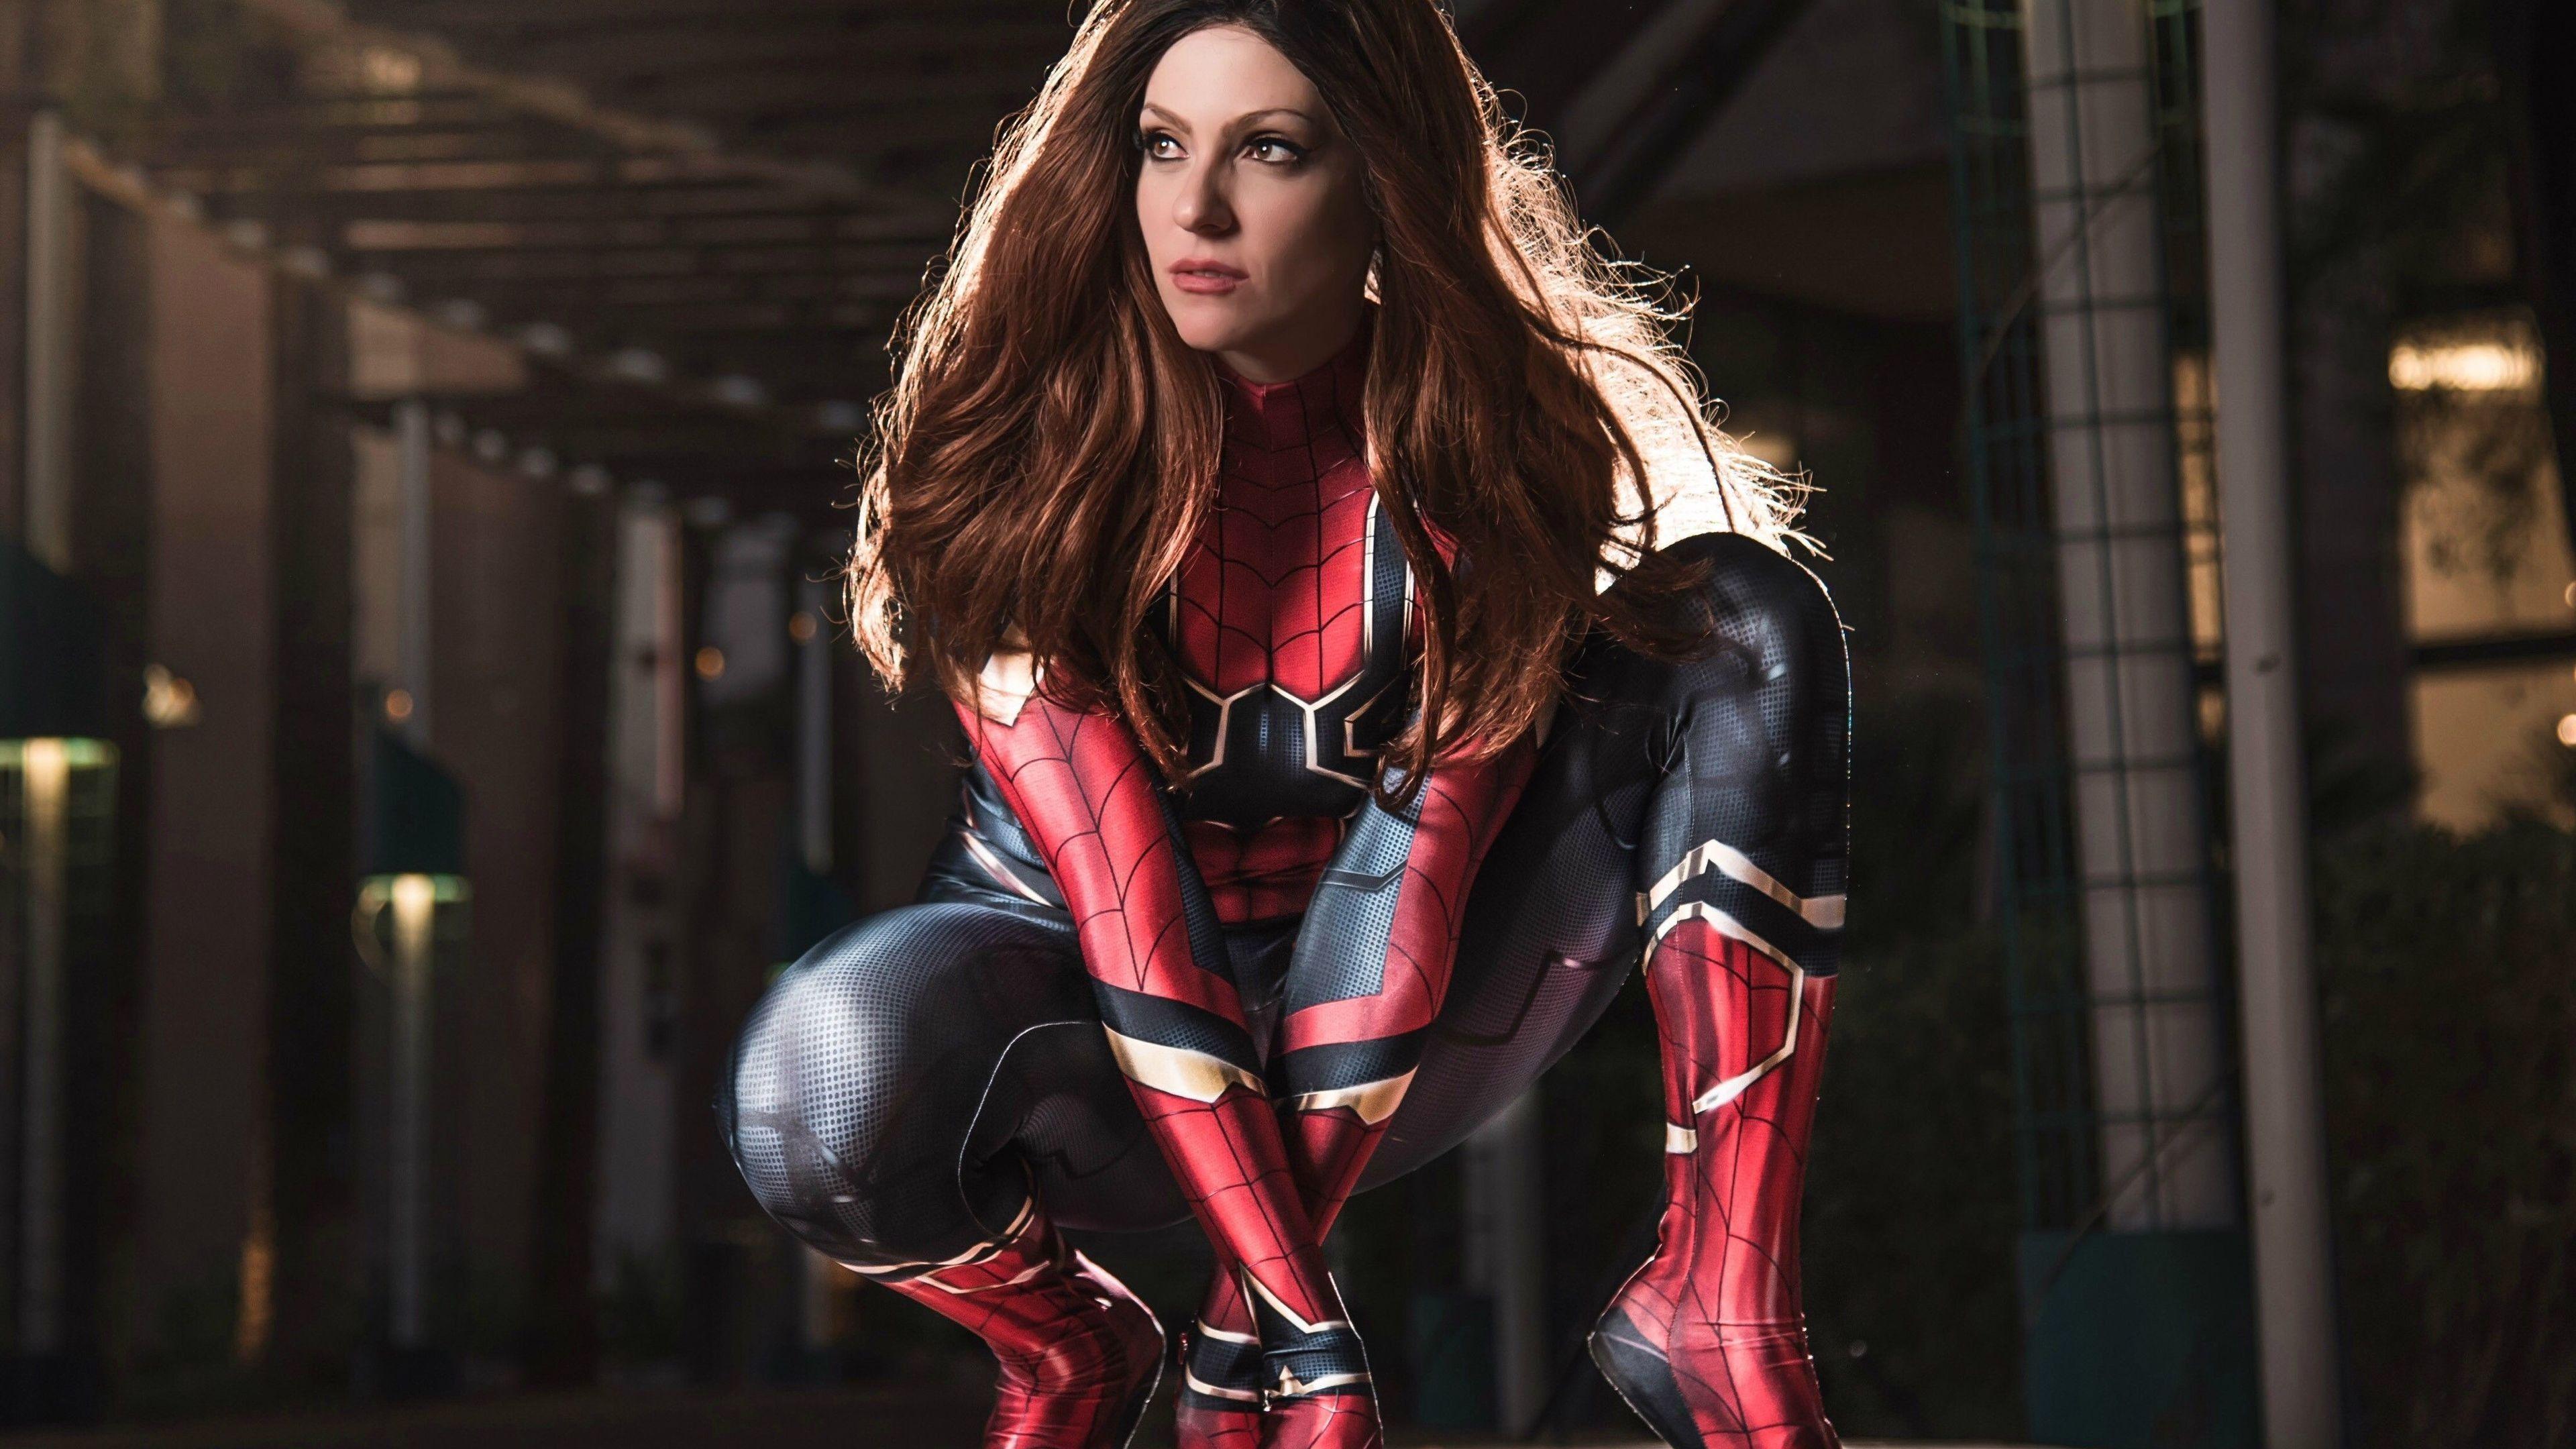 Sexy Super Hero Wallpaper - WallpaperSafari